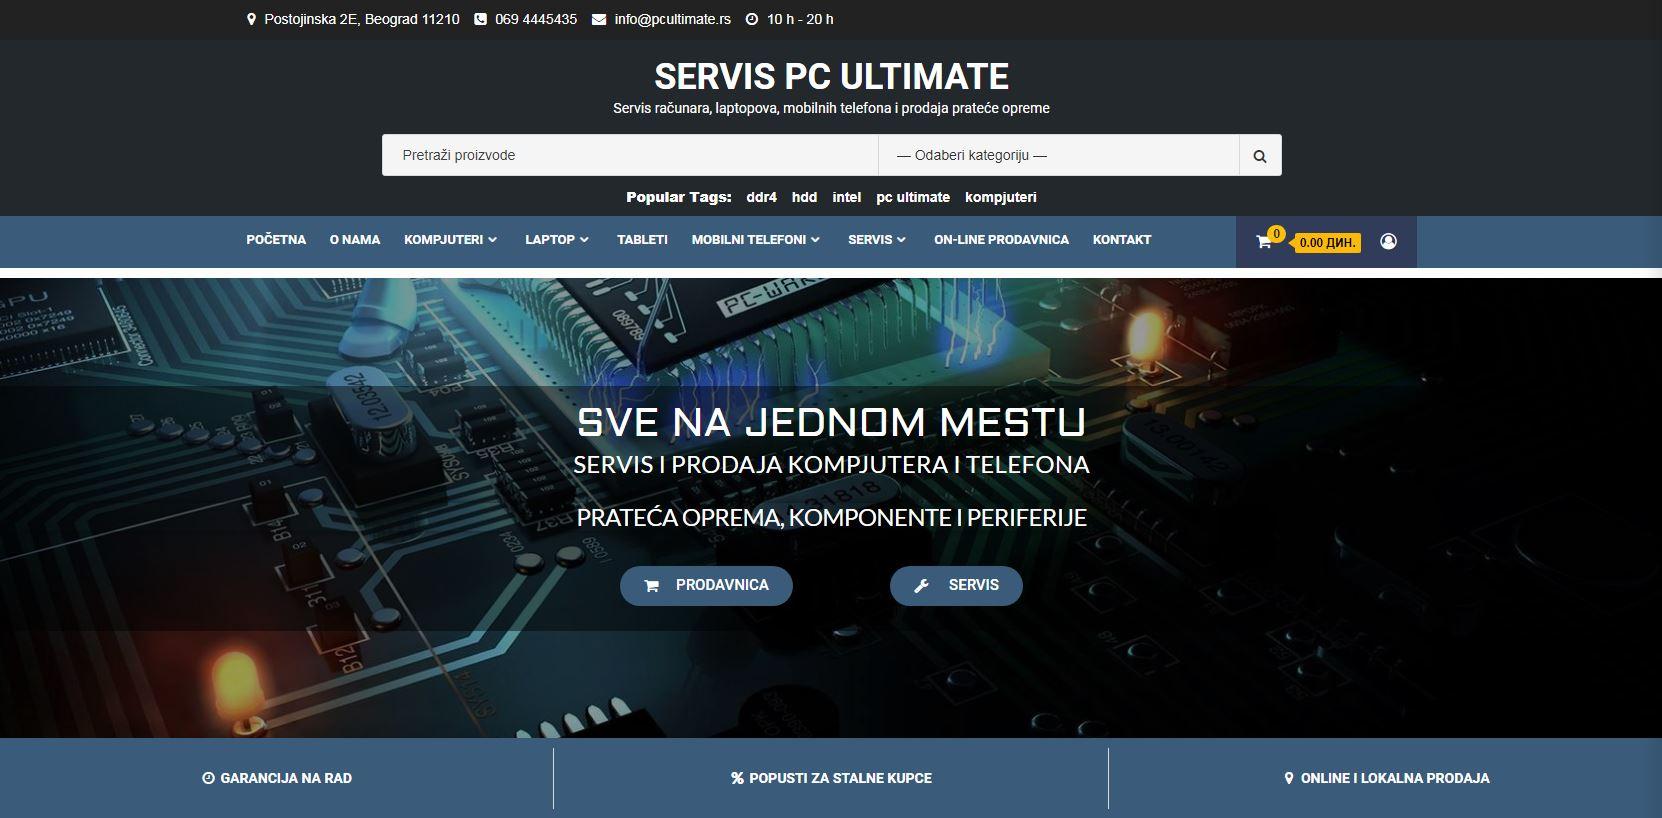 PC Ultimate Servis Računara